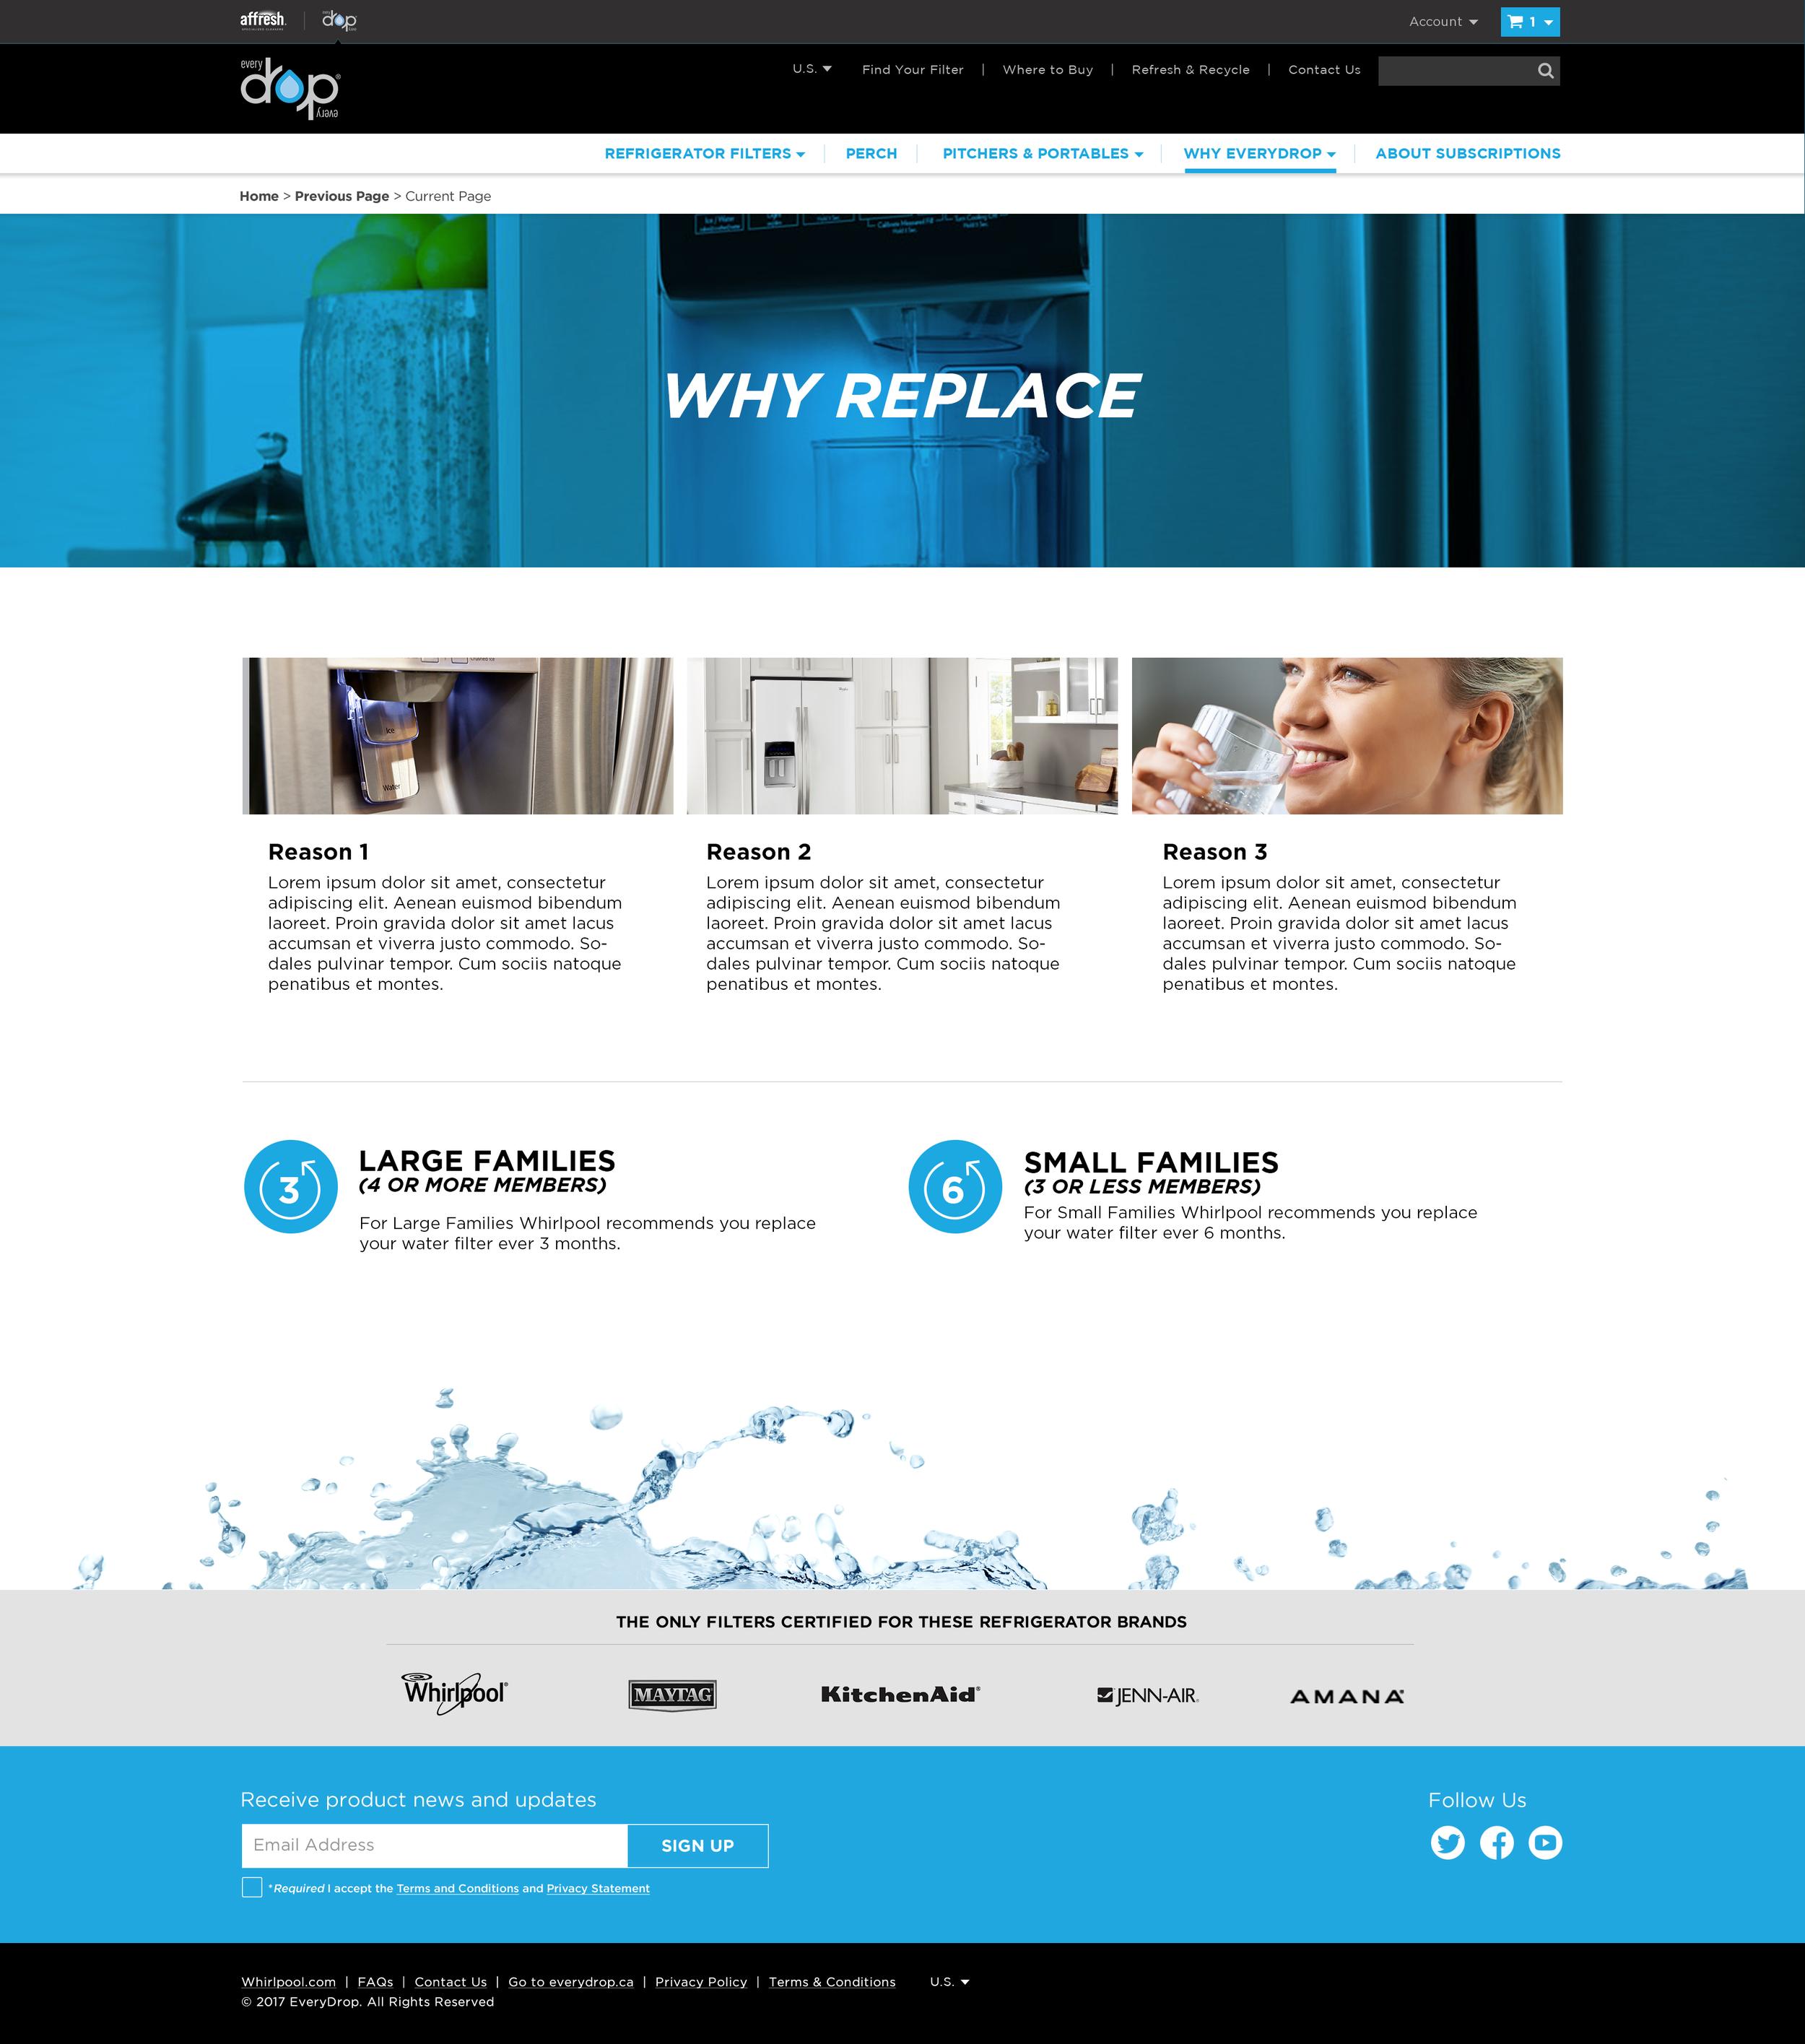 EDW_R2_Desktop_Page_09.png